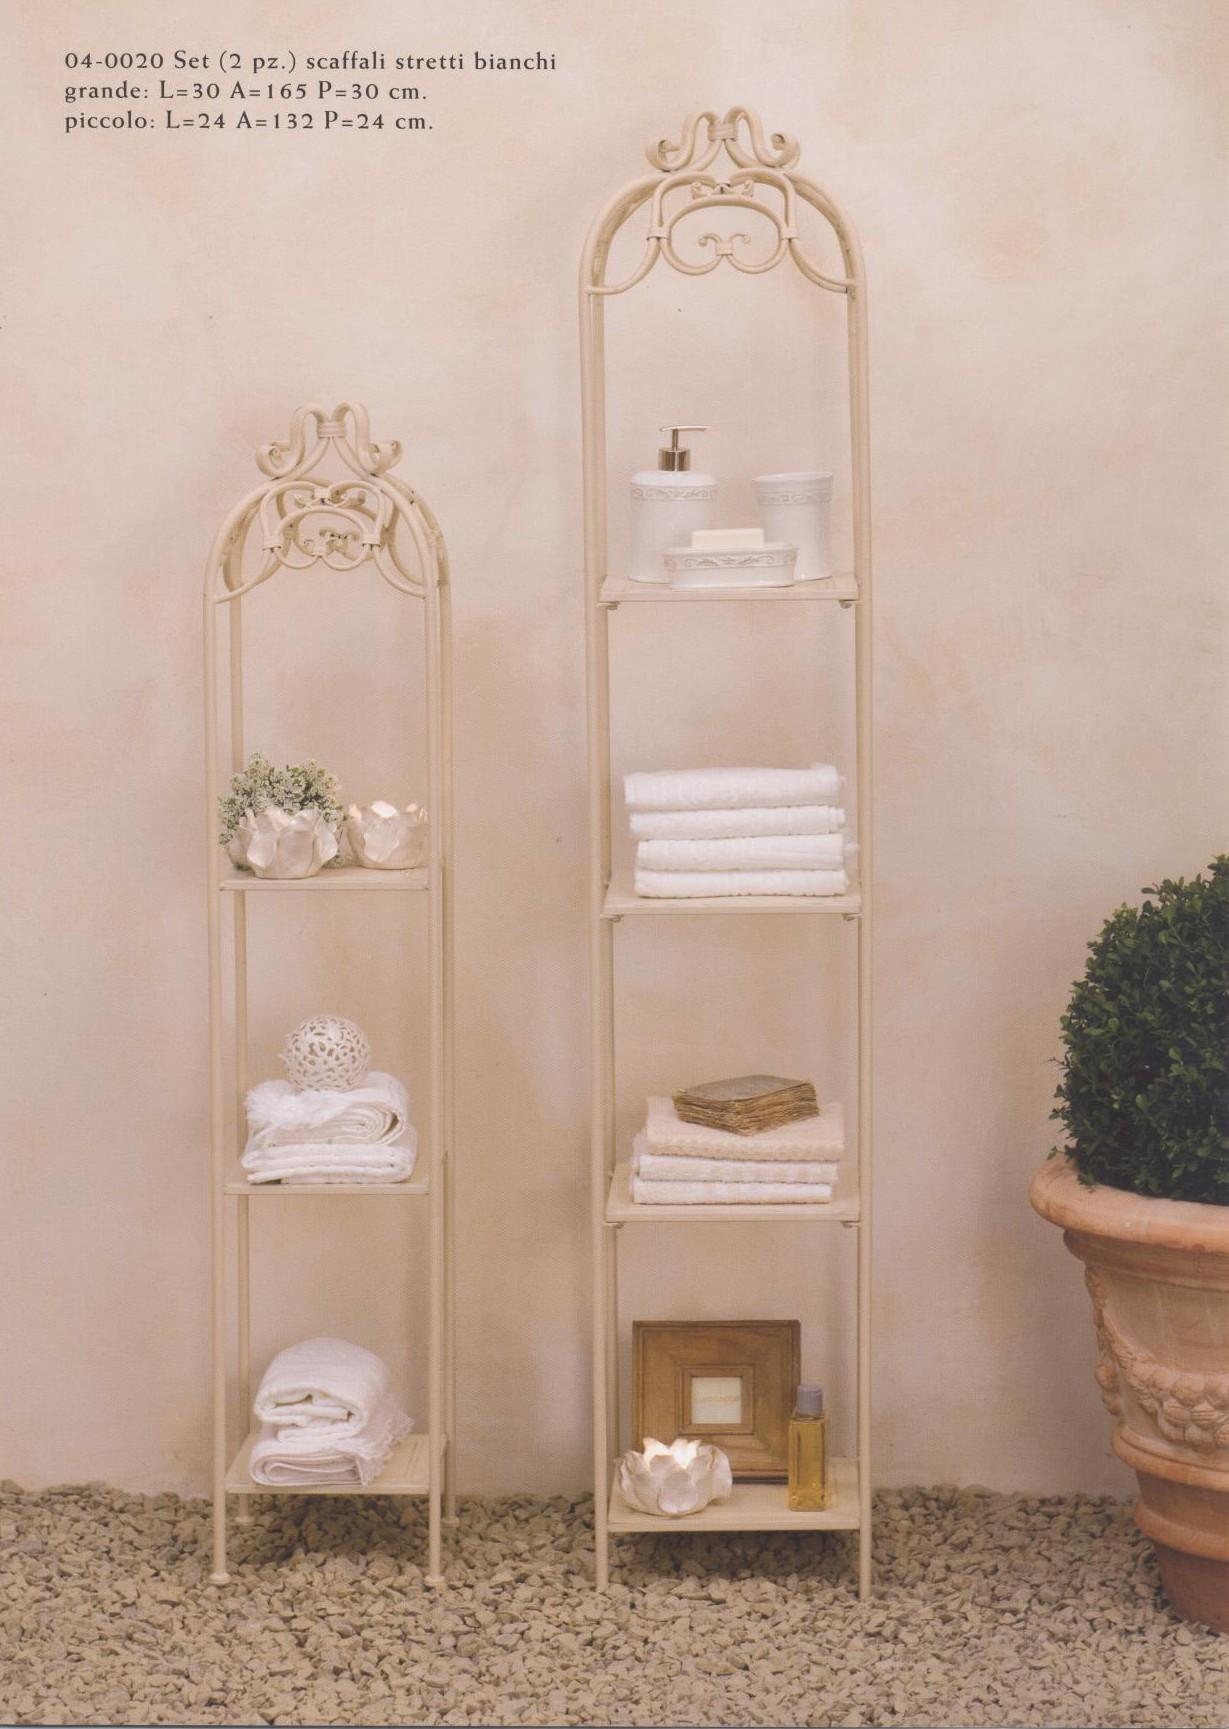 Mobiletti e accessori bagno in ferro battuto hancock - Mobiletti stile provenzale ...